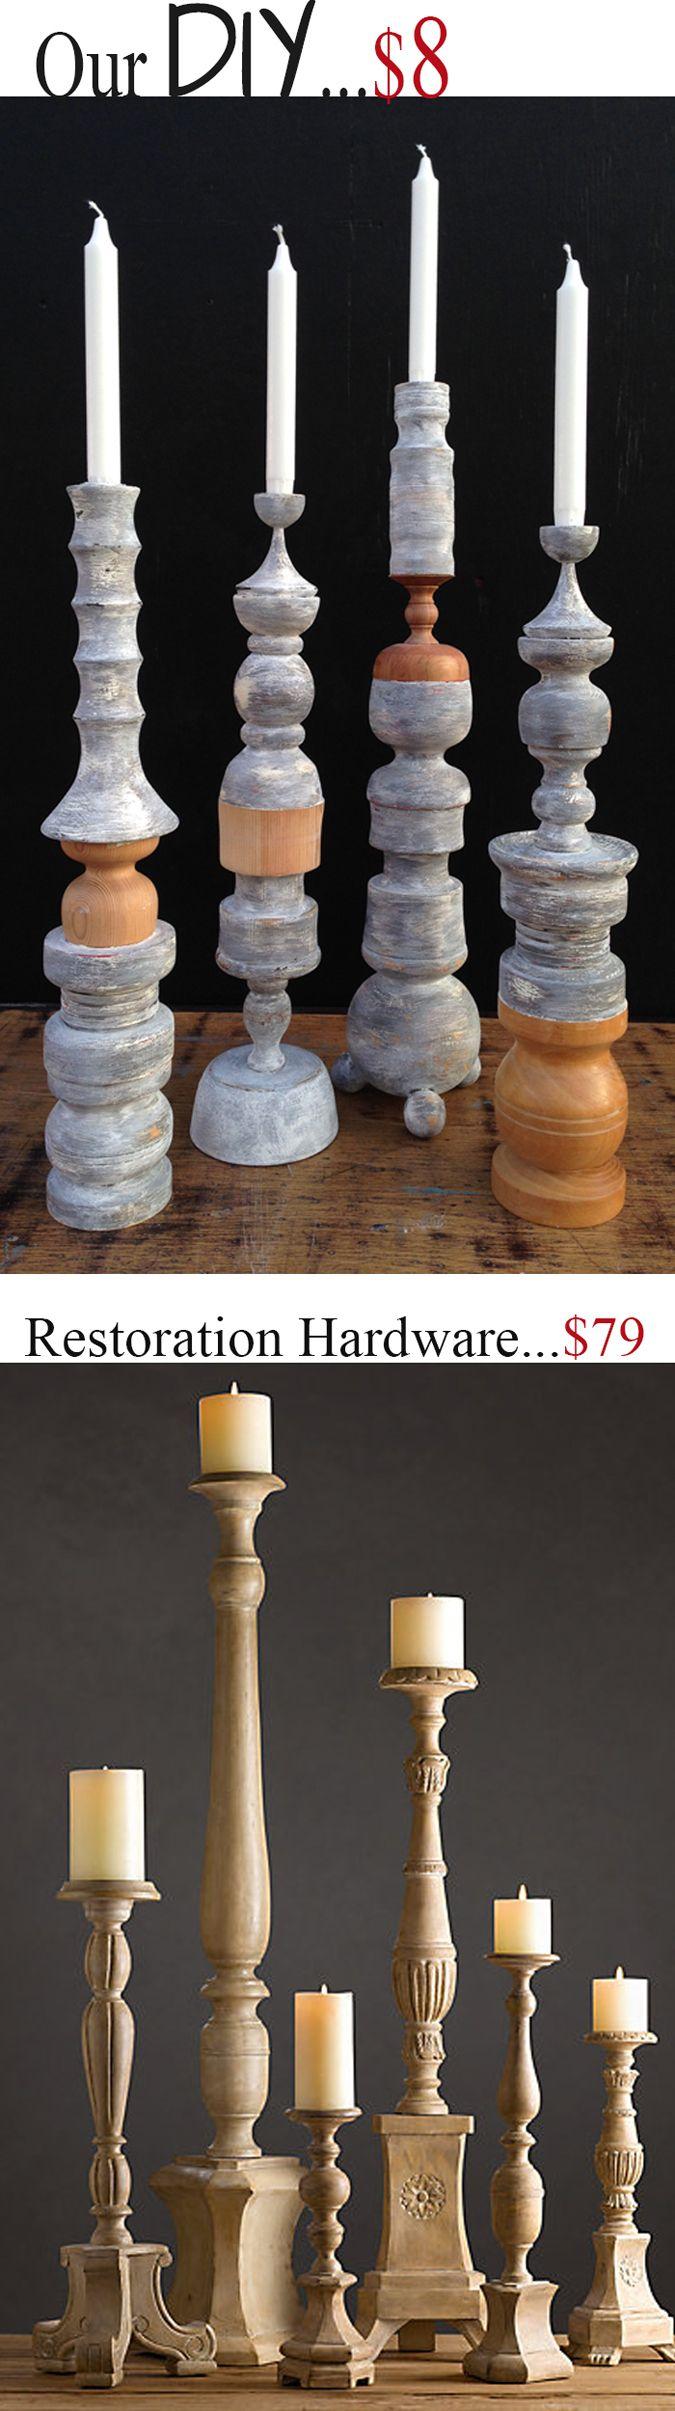 our #DIY #candlesticks for $8 vs. Restoration Hardware for $79.